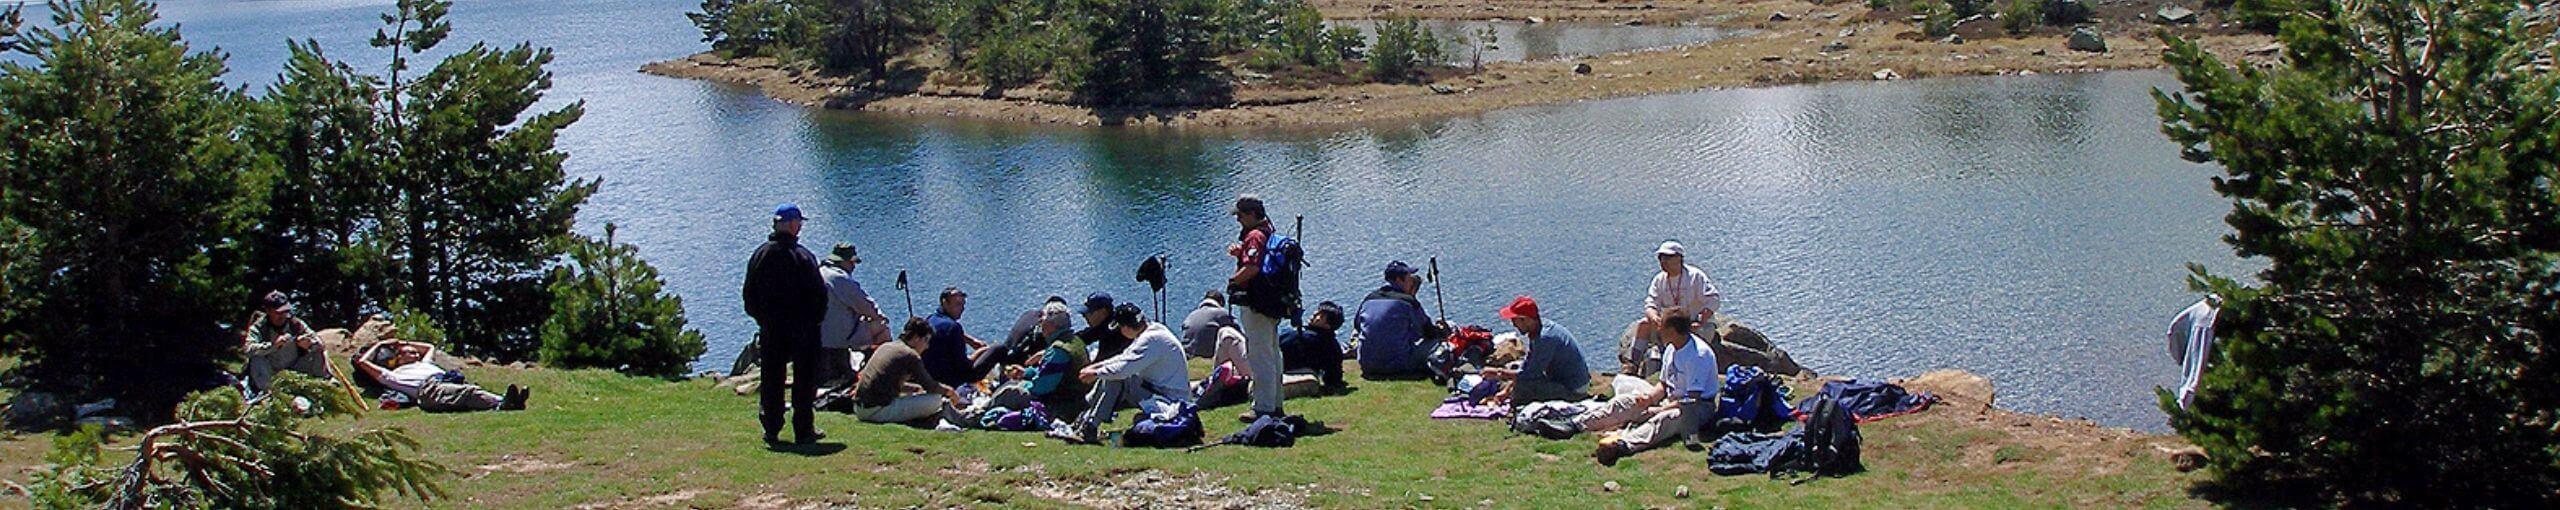 Parque Natural de las Lagunas de Neila, Burgos. Castilla y León.